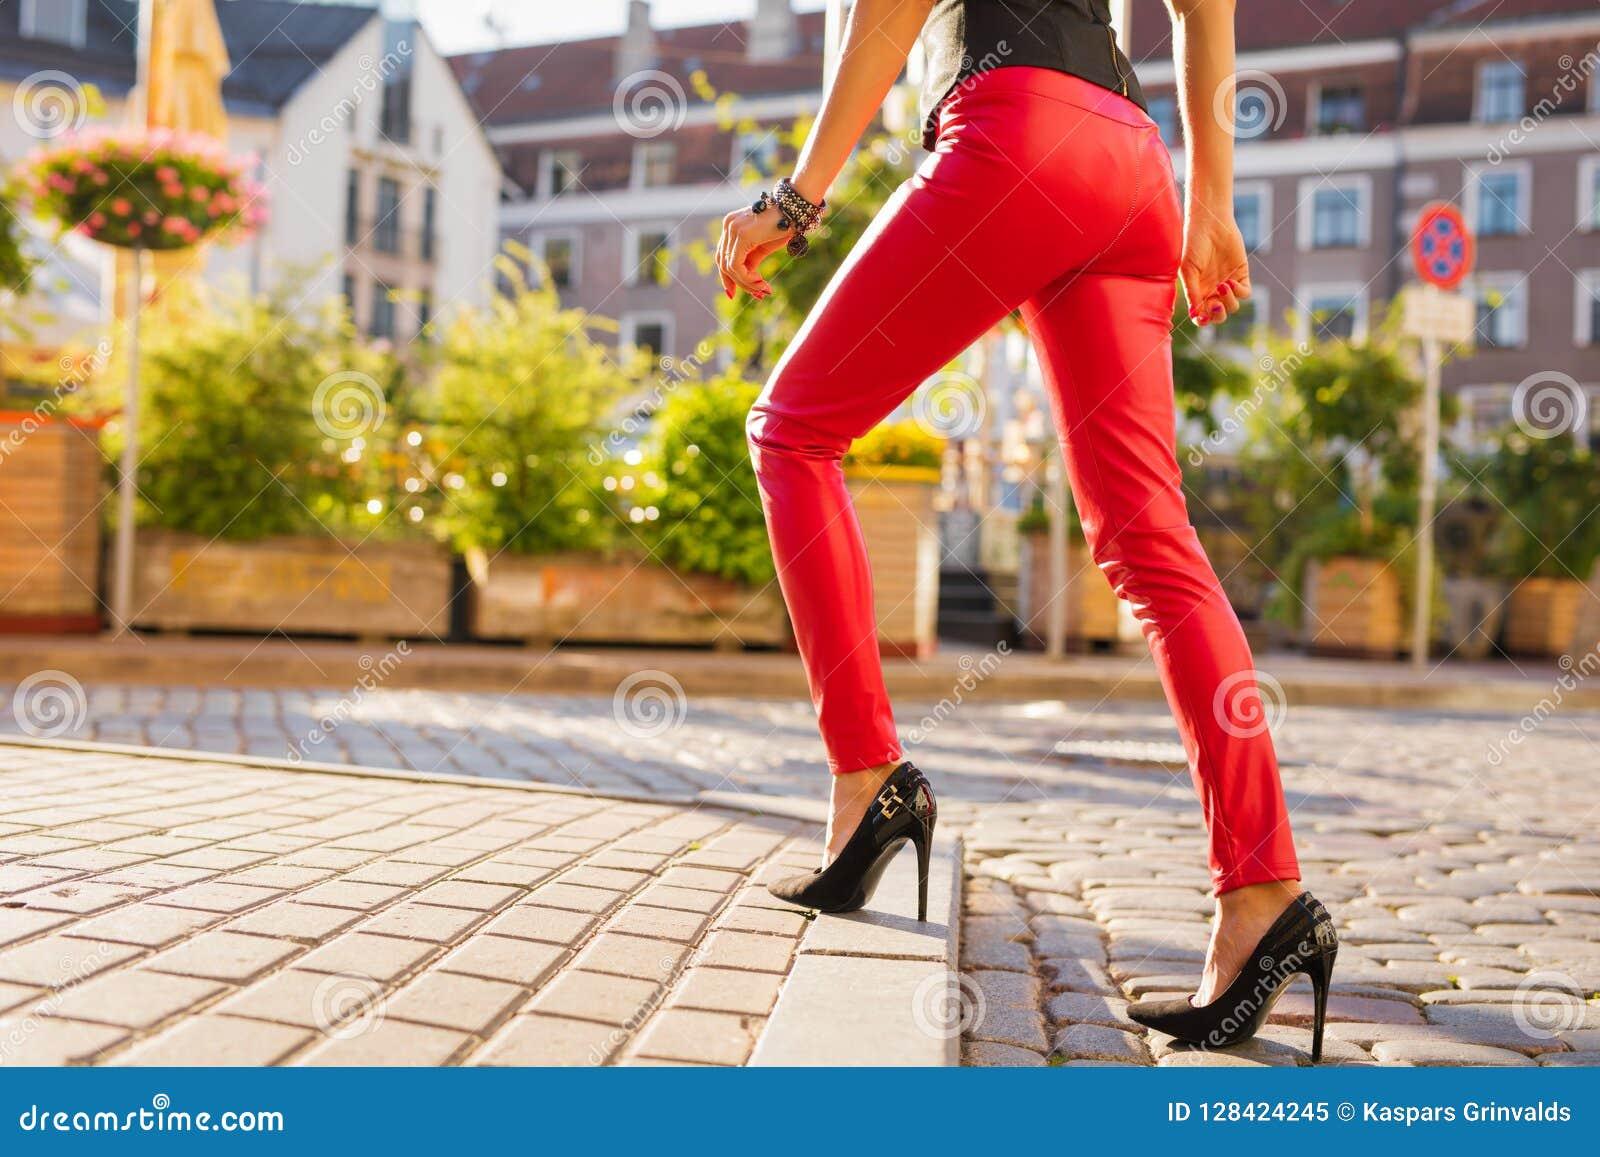 Γυναίκα που φορά το κόκκινο παντελόνι δέρματος και τα μαύρα υψηλά παπούτσια τακουνιών